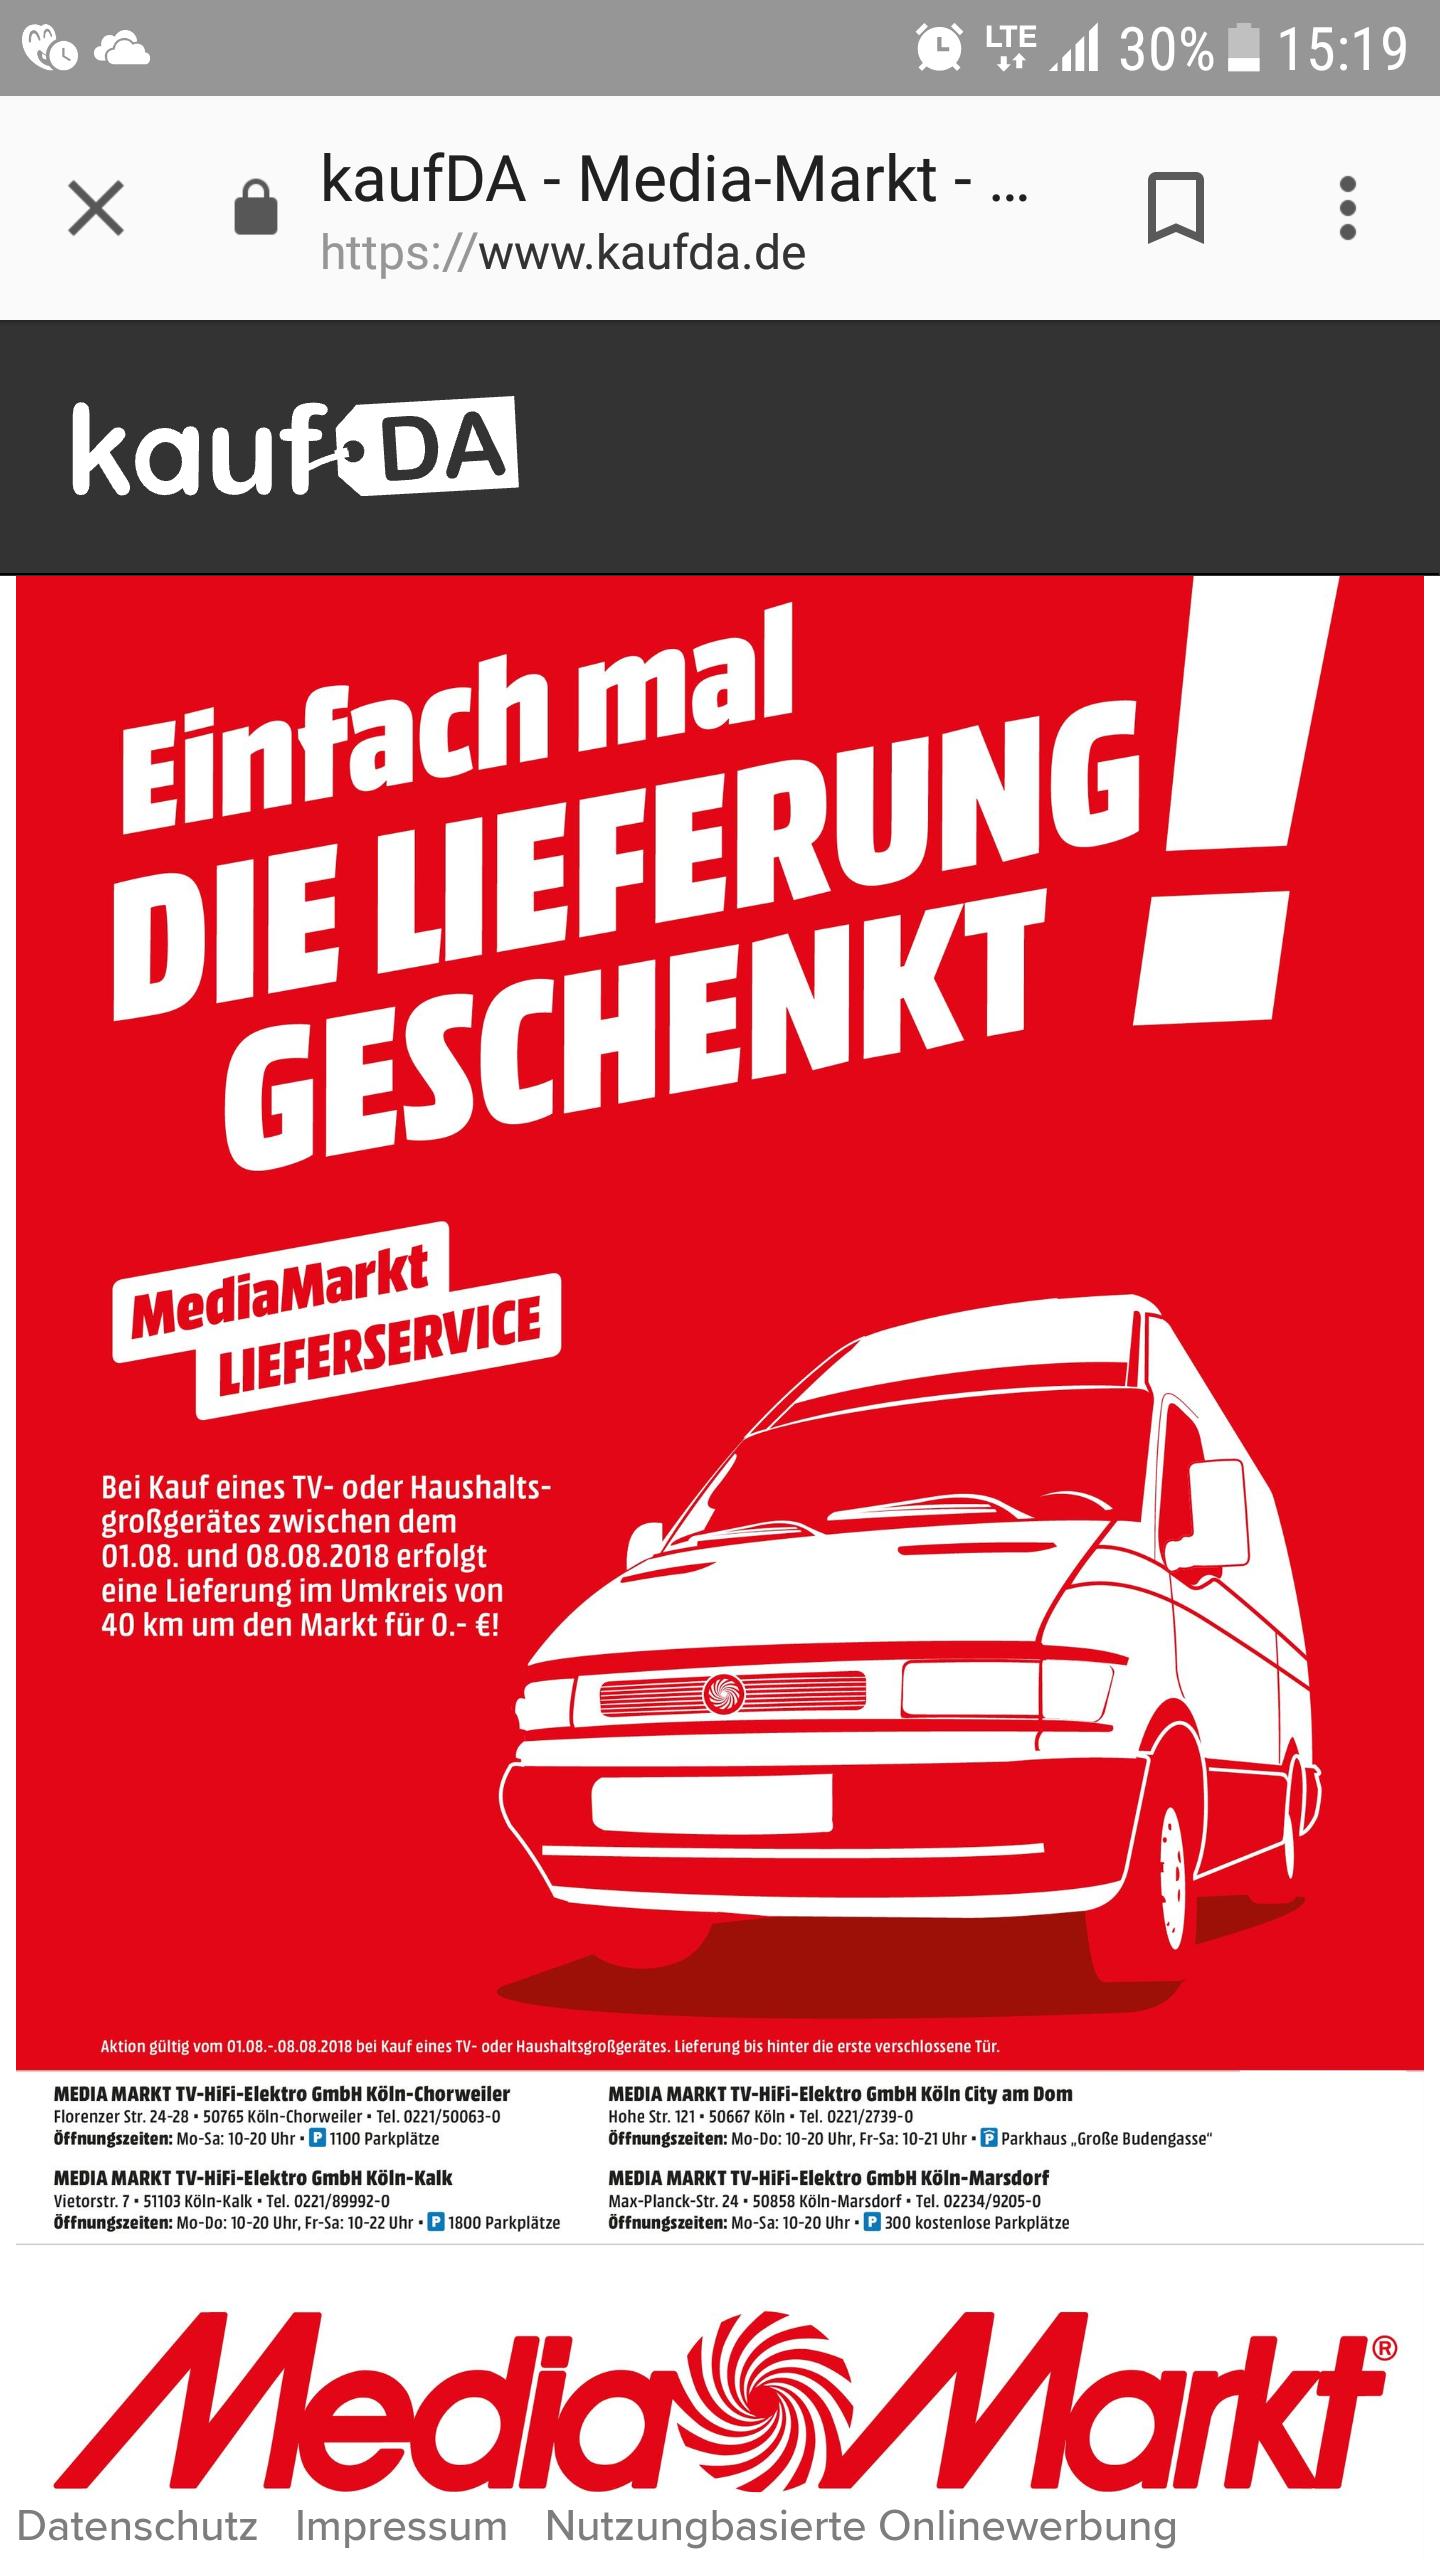 [lokal] MediaMarkt Köln Lieferkosten geschenkt (hinter die erste verschließbare Tür)